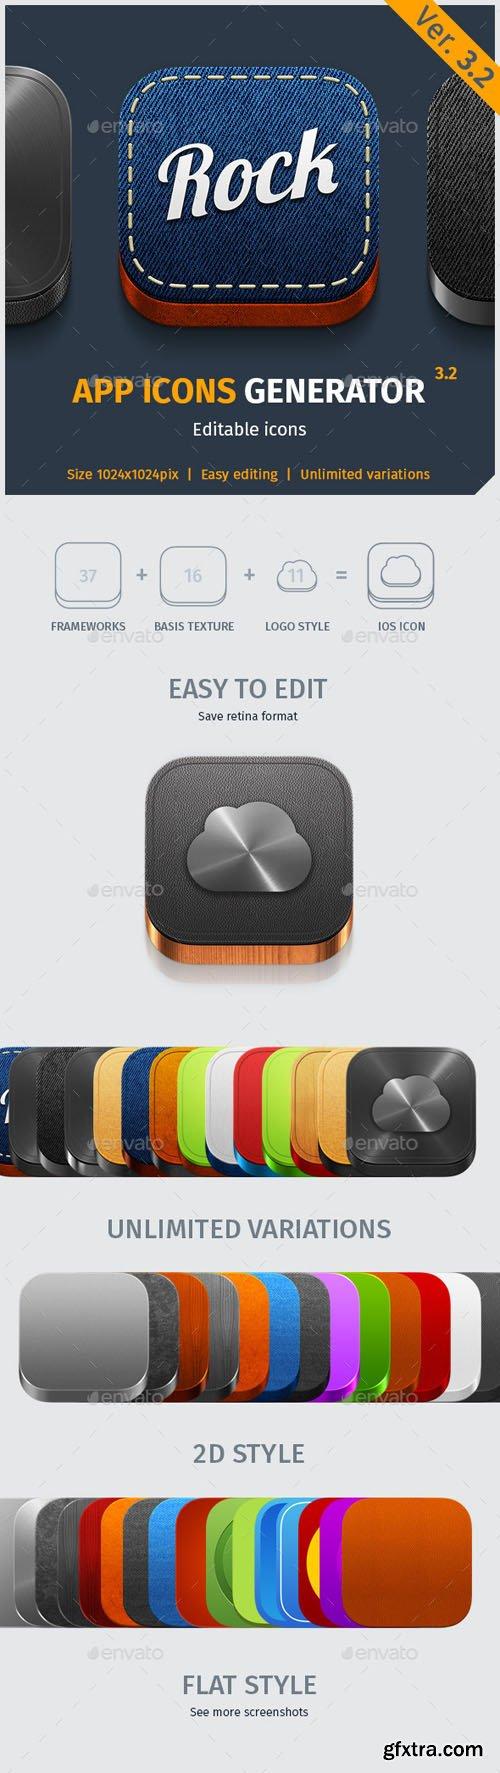 App Icon Generator V.3.2 - Graphicriver 6654272